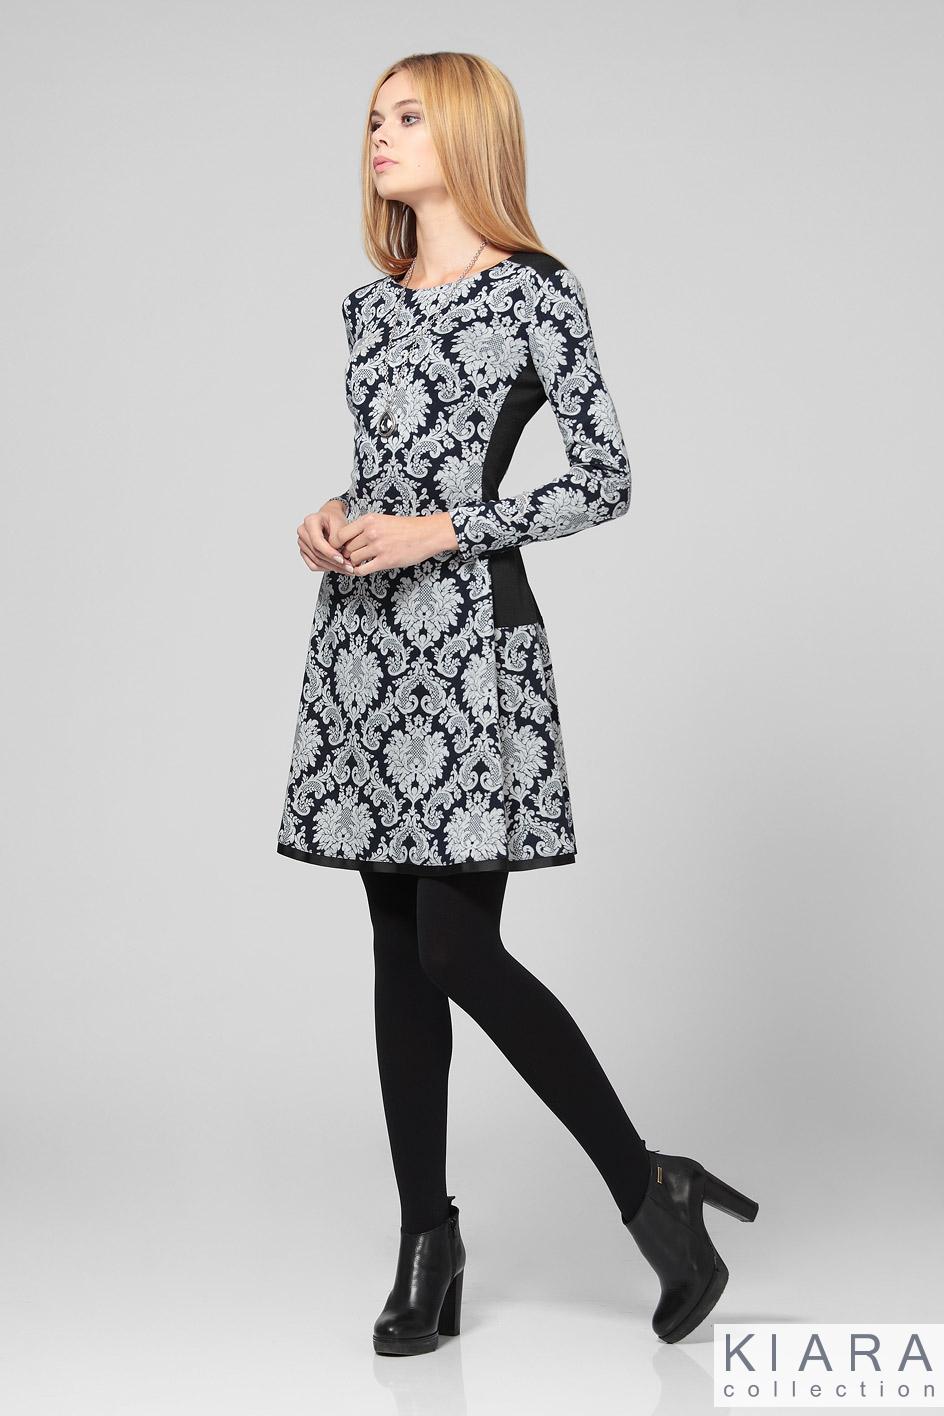 Сбор заказов. Модный белорусский бренд Kiara. Выкуп 4.Крутая осень и Новый год!!! Быстро